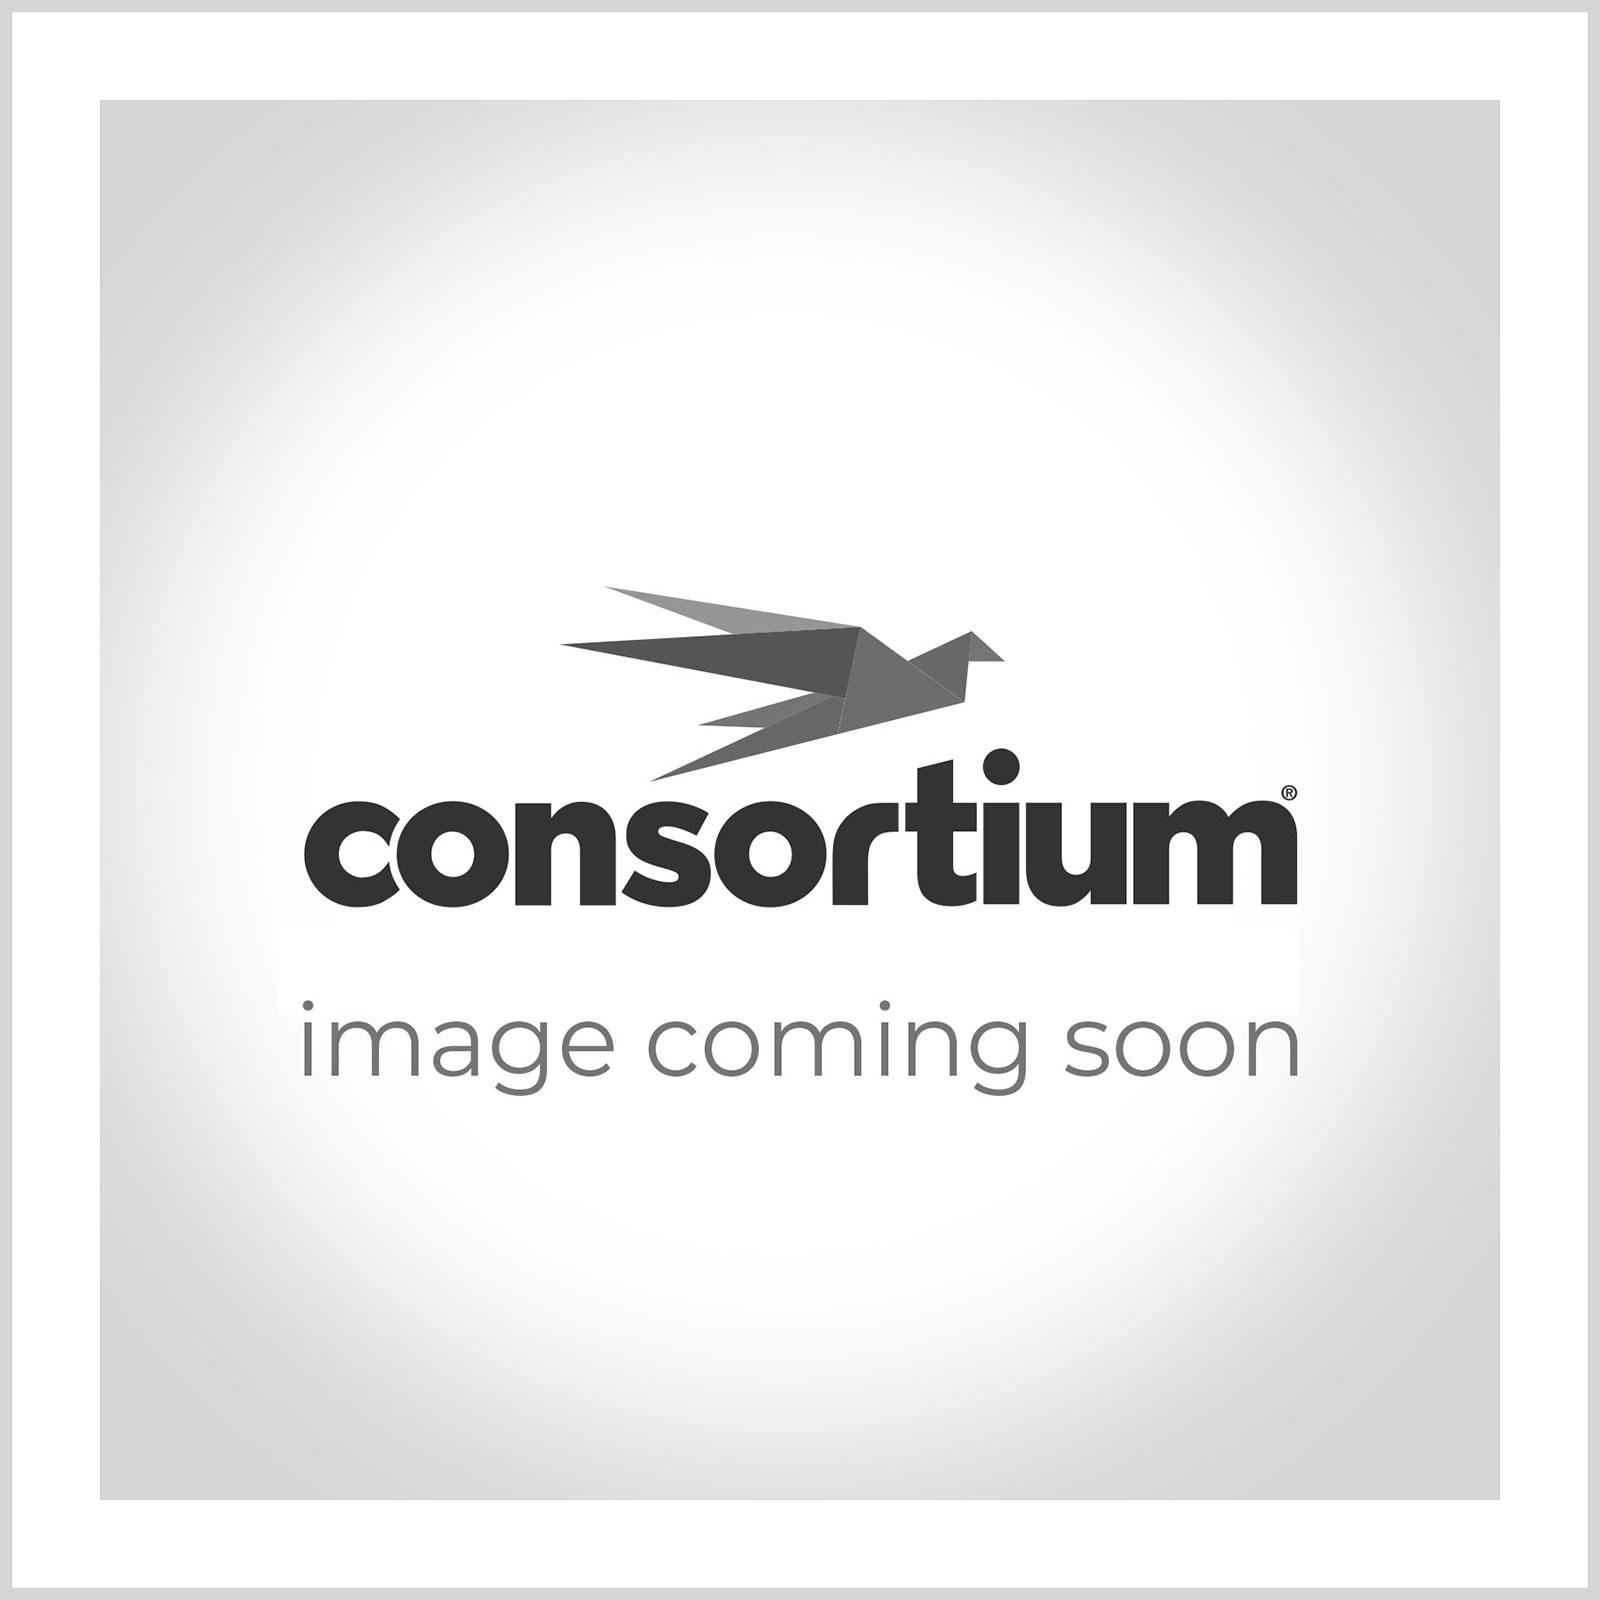 24 Hour Analogue Clock Clocks Electrical Goods